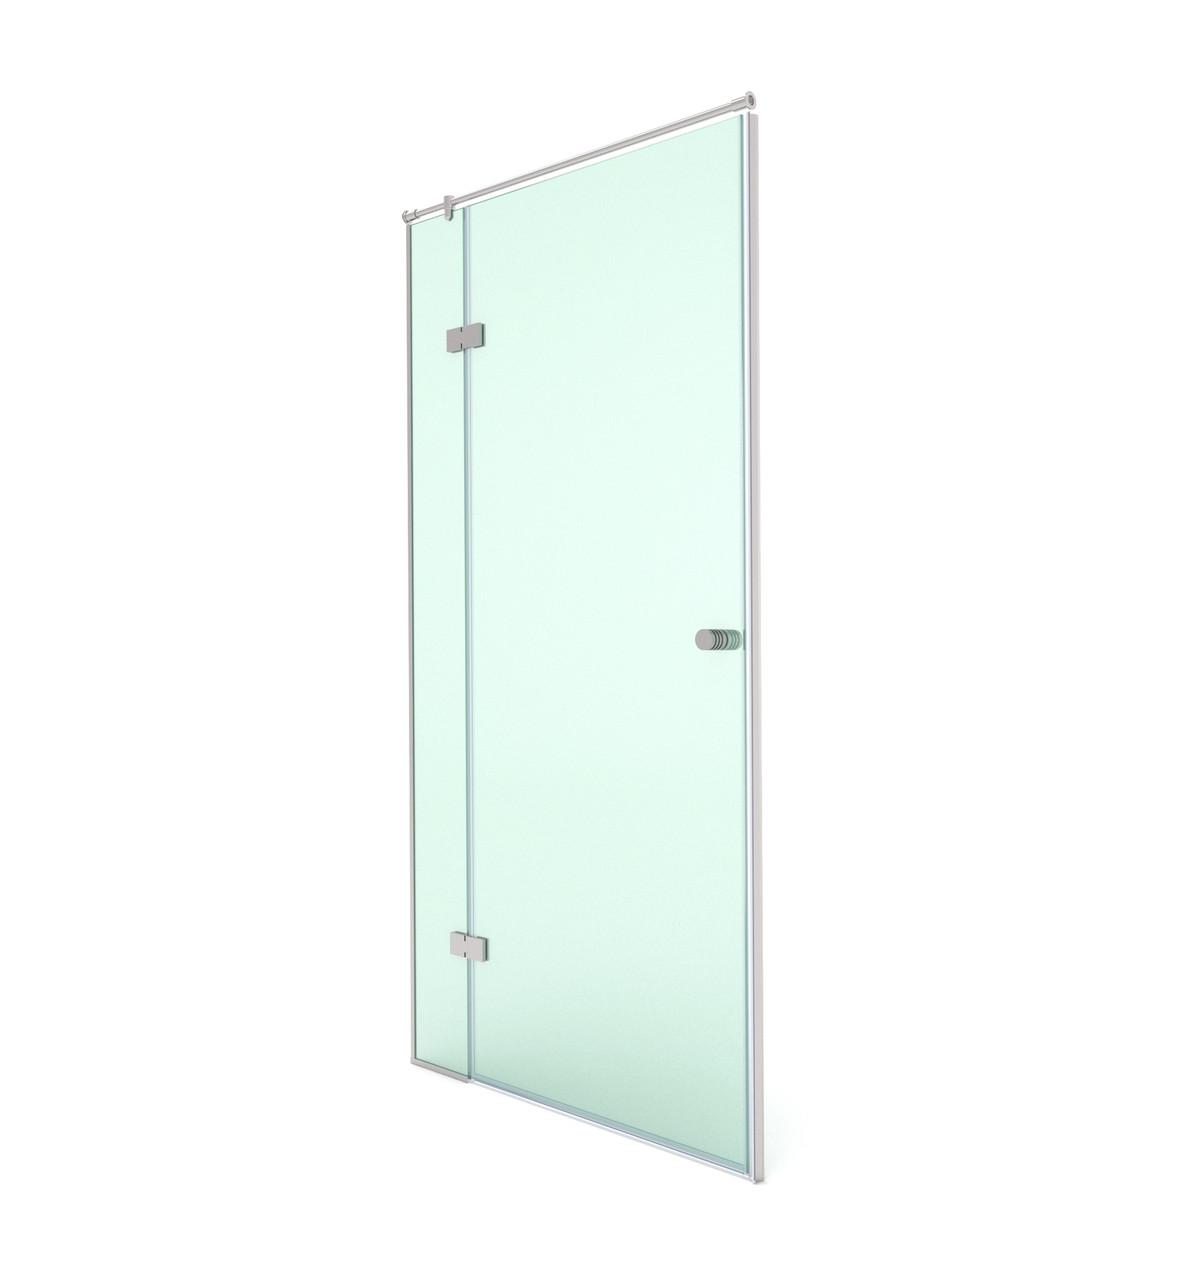 Распашная душевая дверь в нишу, модели SD-02-09